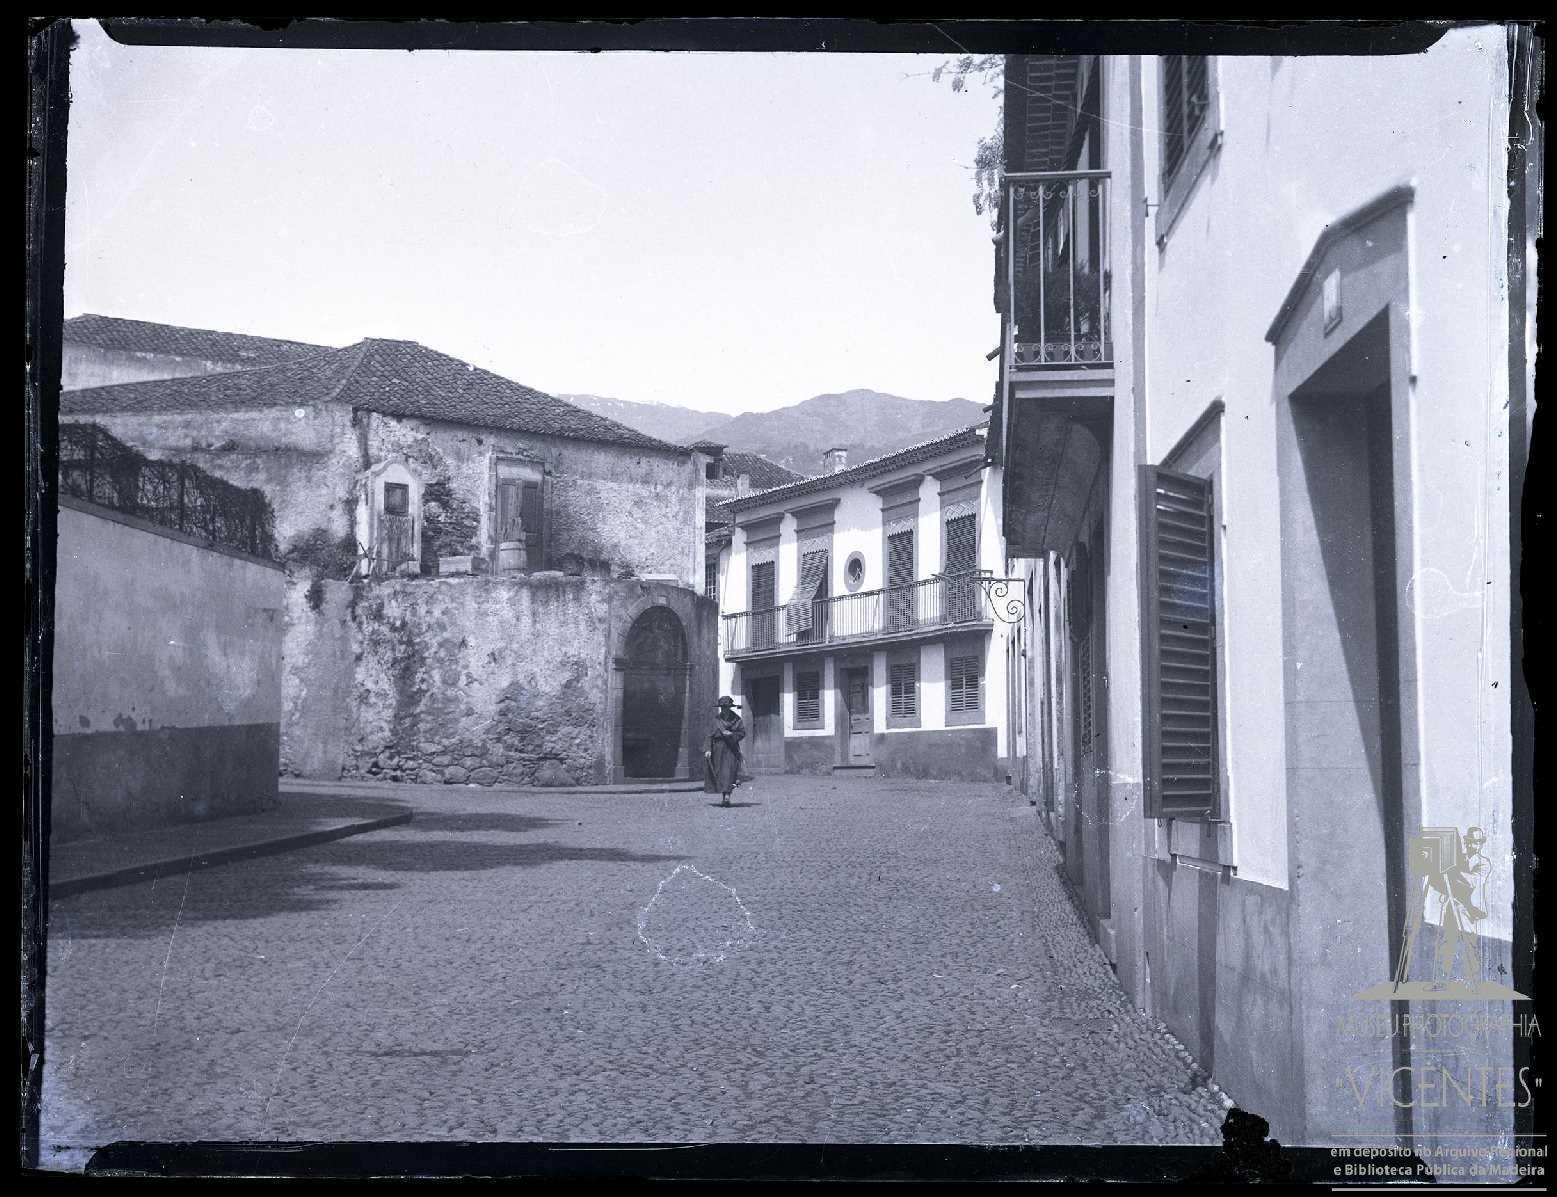 Rua dos Aranhas